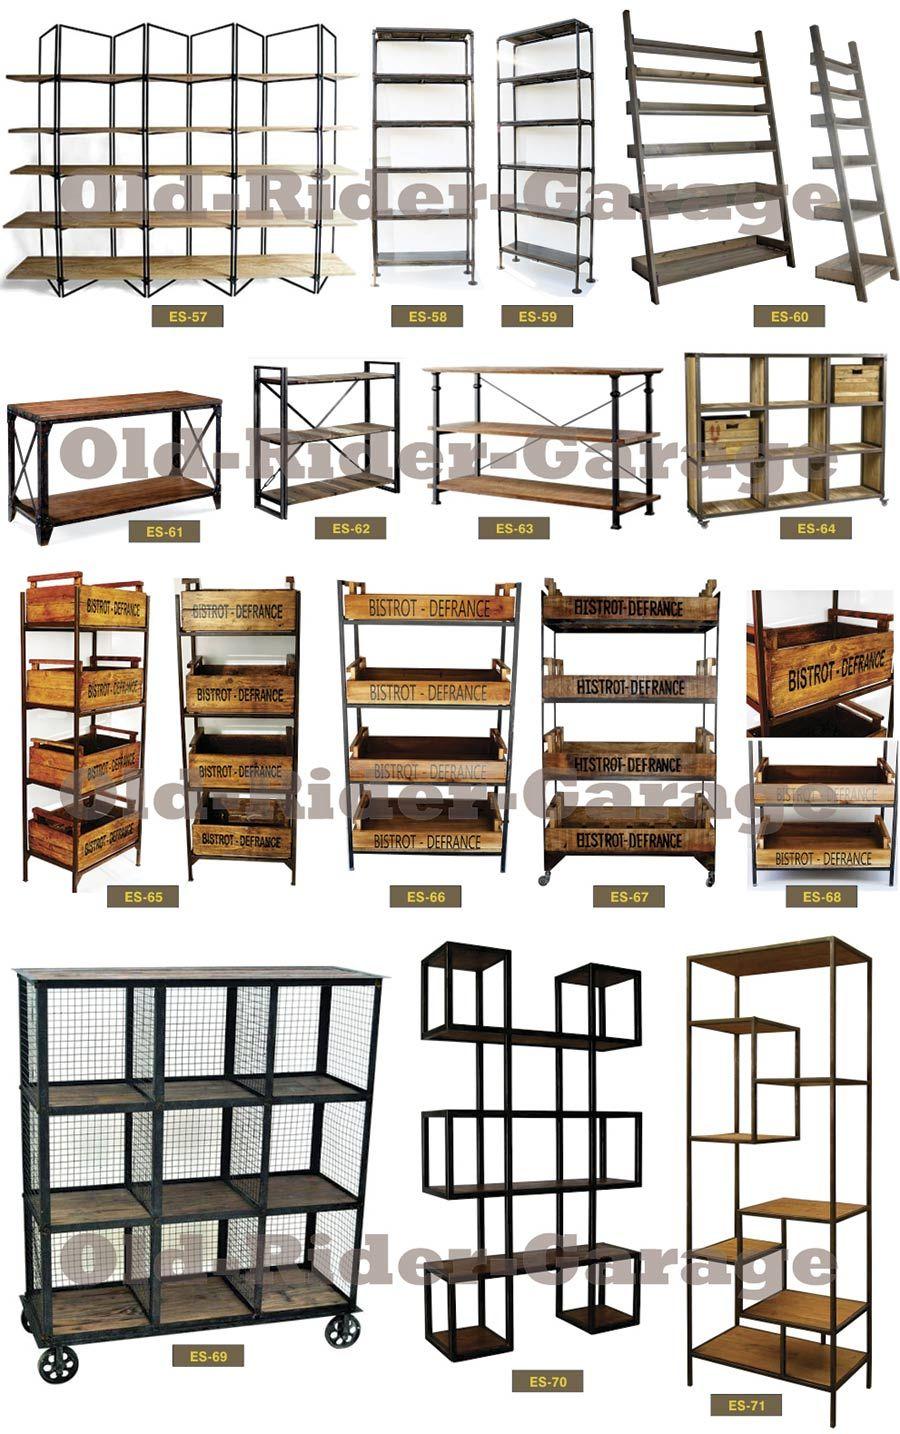 Oldridergarage muebles vintage industrial chic in